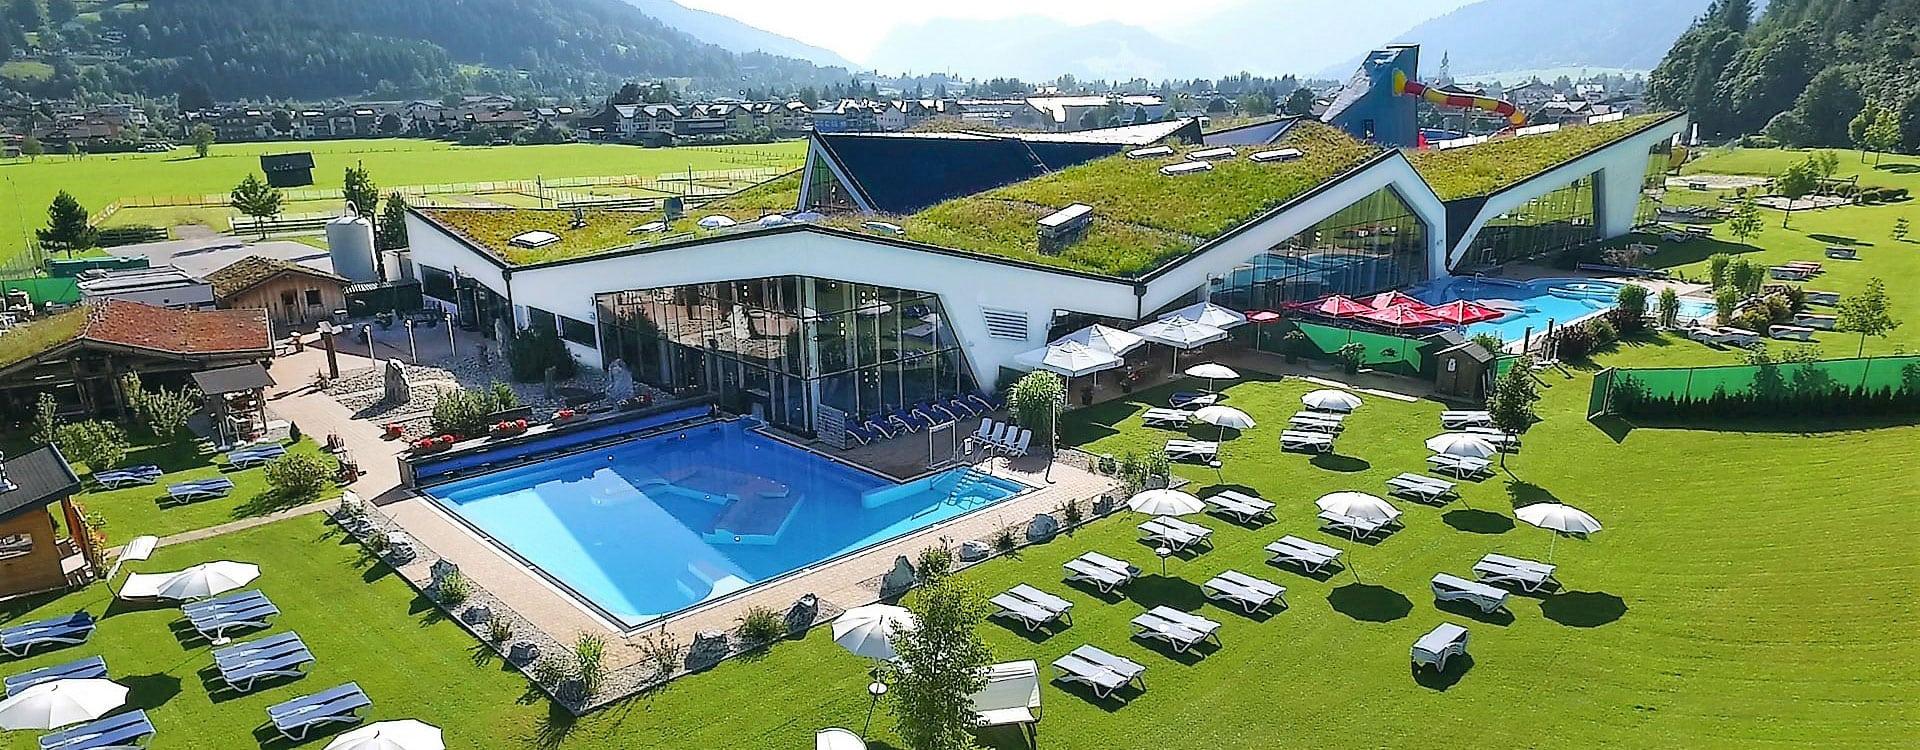 Öffnungszeiten - Erlebnis-Therme Amadé in Altenmarkt im Pongau, Salzburger Land